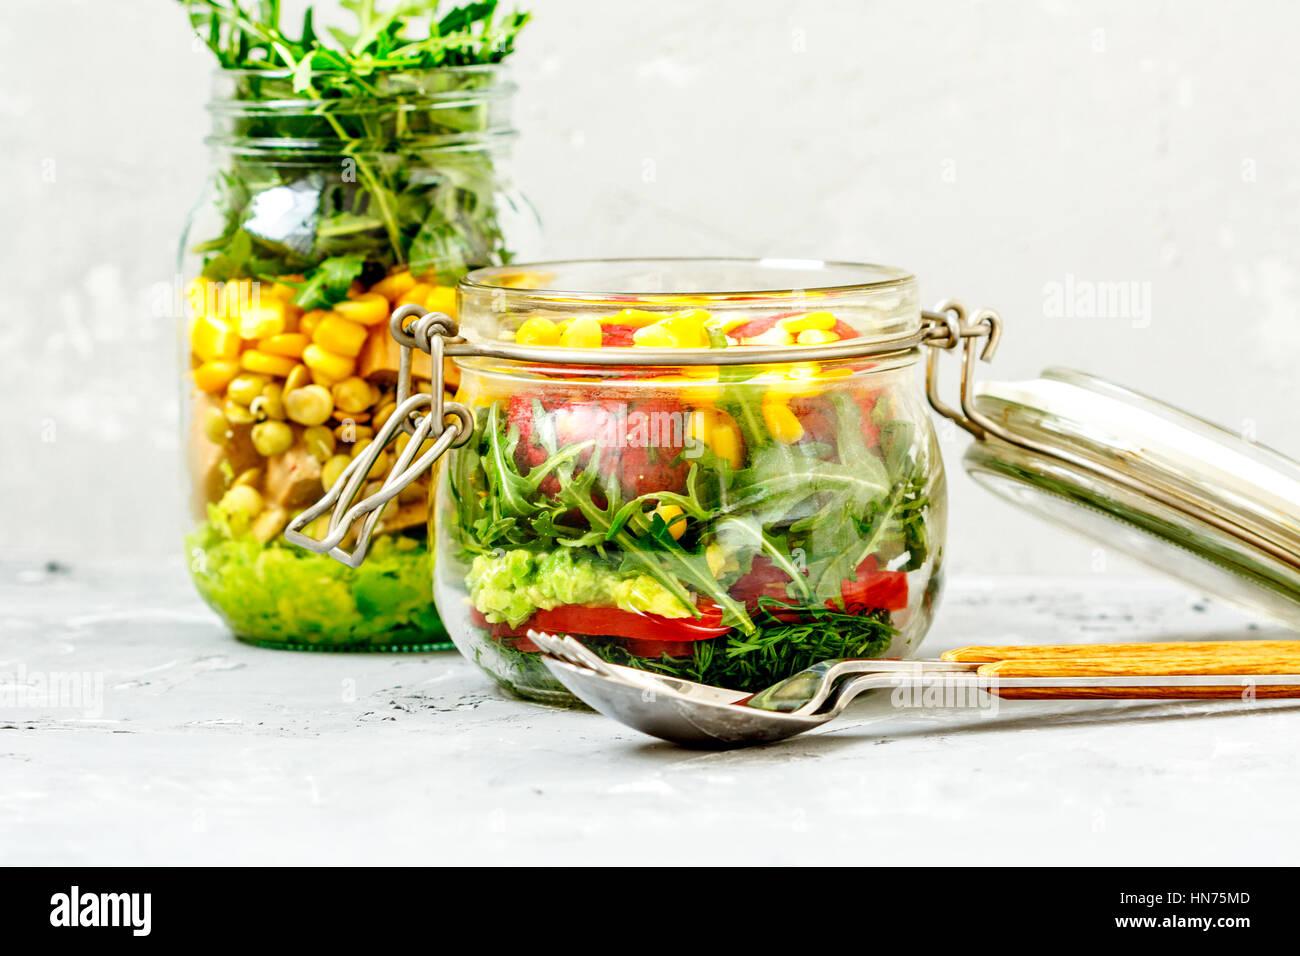 Déjeuner à emporter en bonne santé. Le guacamole, le maïs, le tofu, les haricots, la roquette. Photo Stock